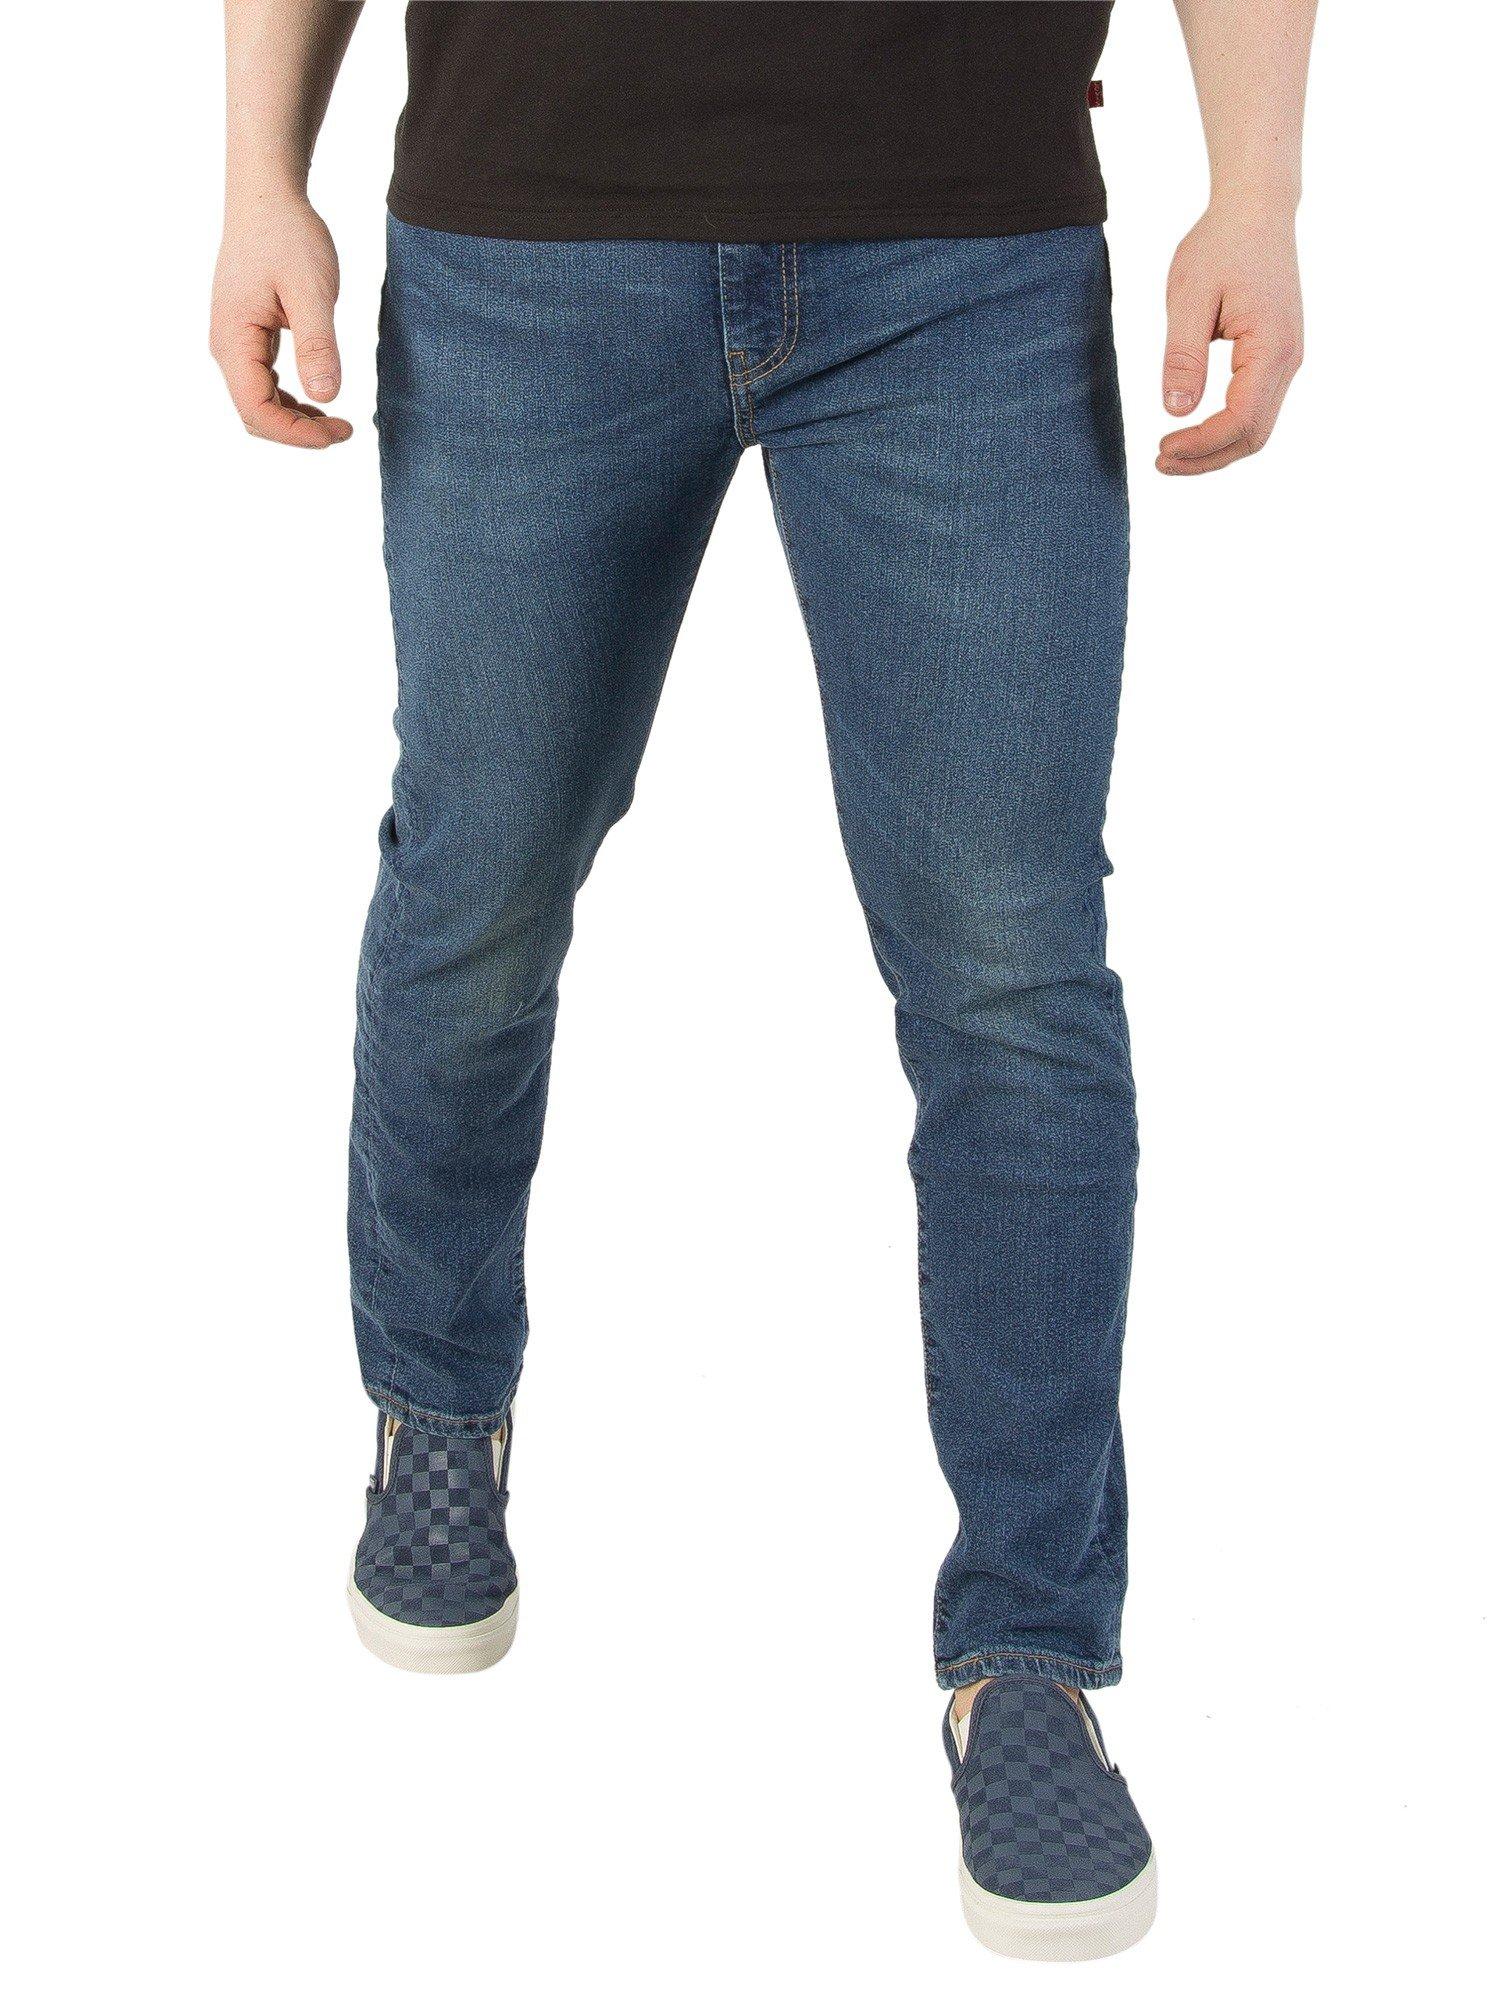 Levi's Men's 510 Skinny Fit Jeans, Blue, 29W x 32L